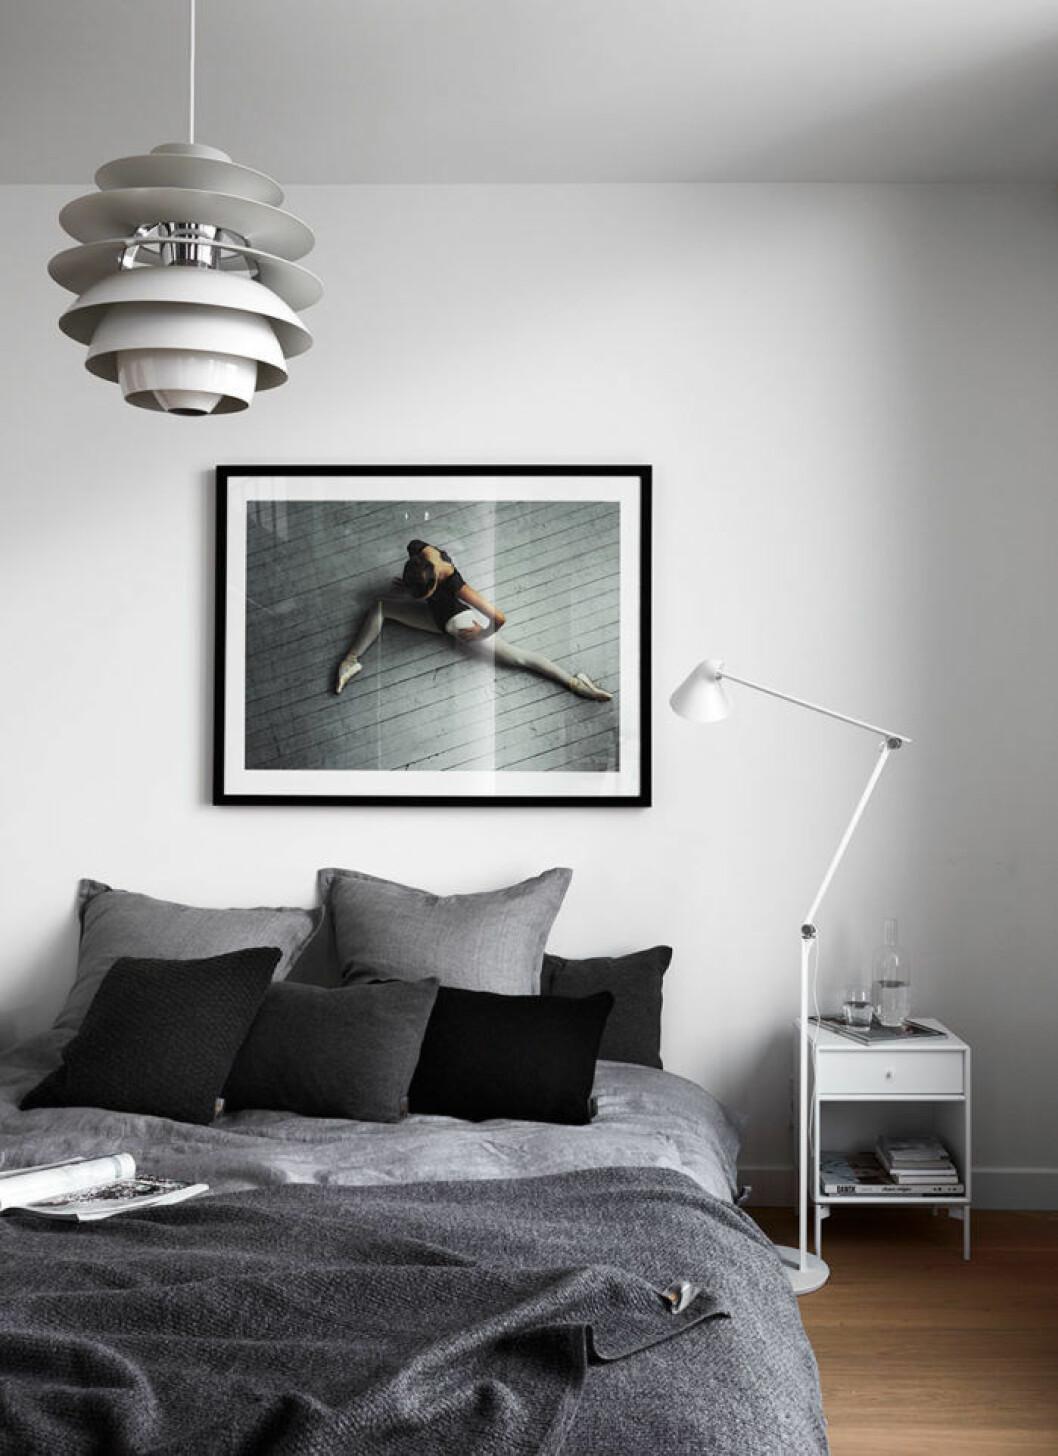 Avskalat och stillsamt i sovrummet. Fotokonst Ballerina av Max Modén. Sänglinne och stickade plädar från Georg Jensen Damask. Lampor från Louis Poulsen och sängbord från Montana.